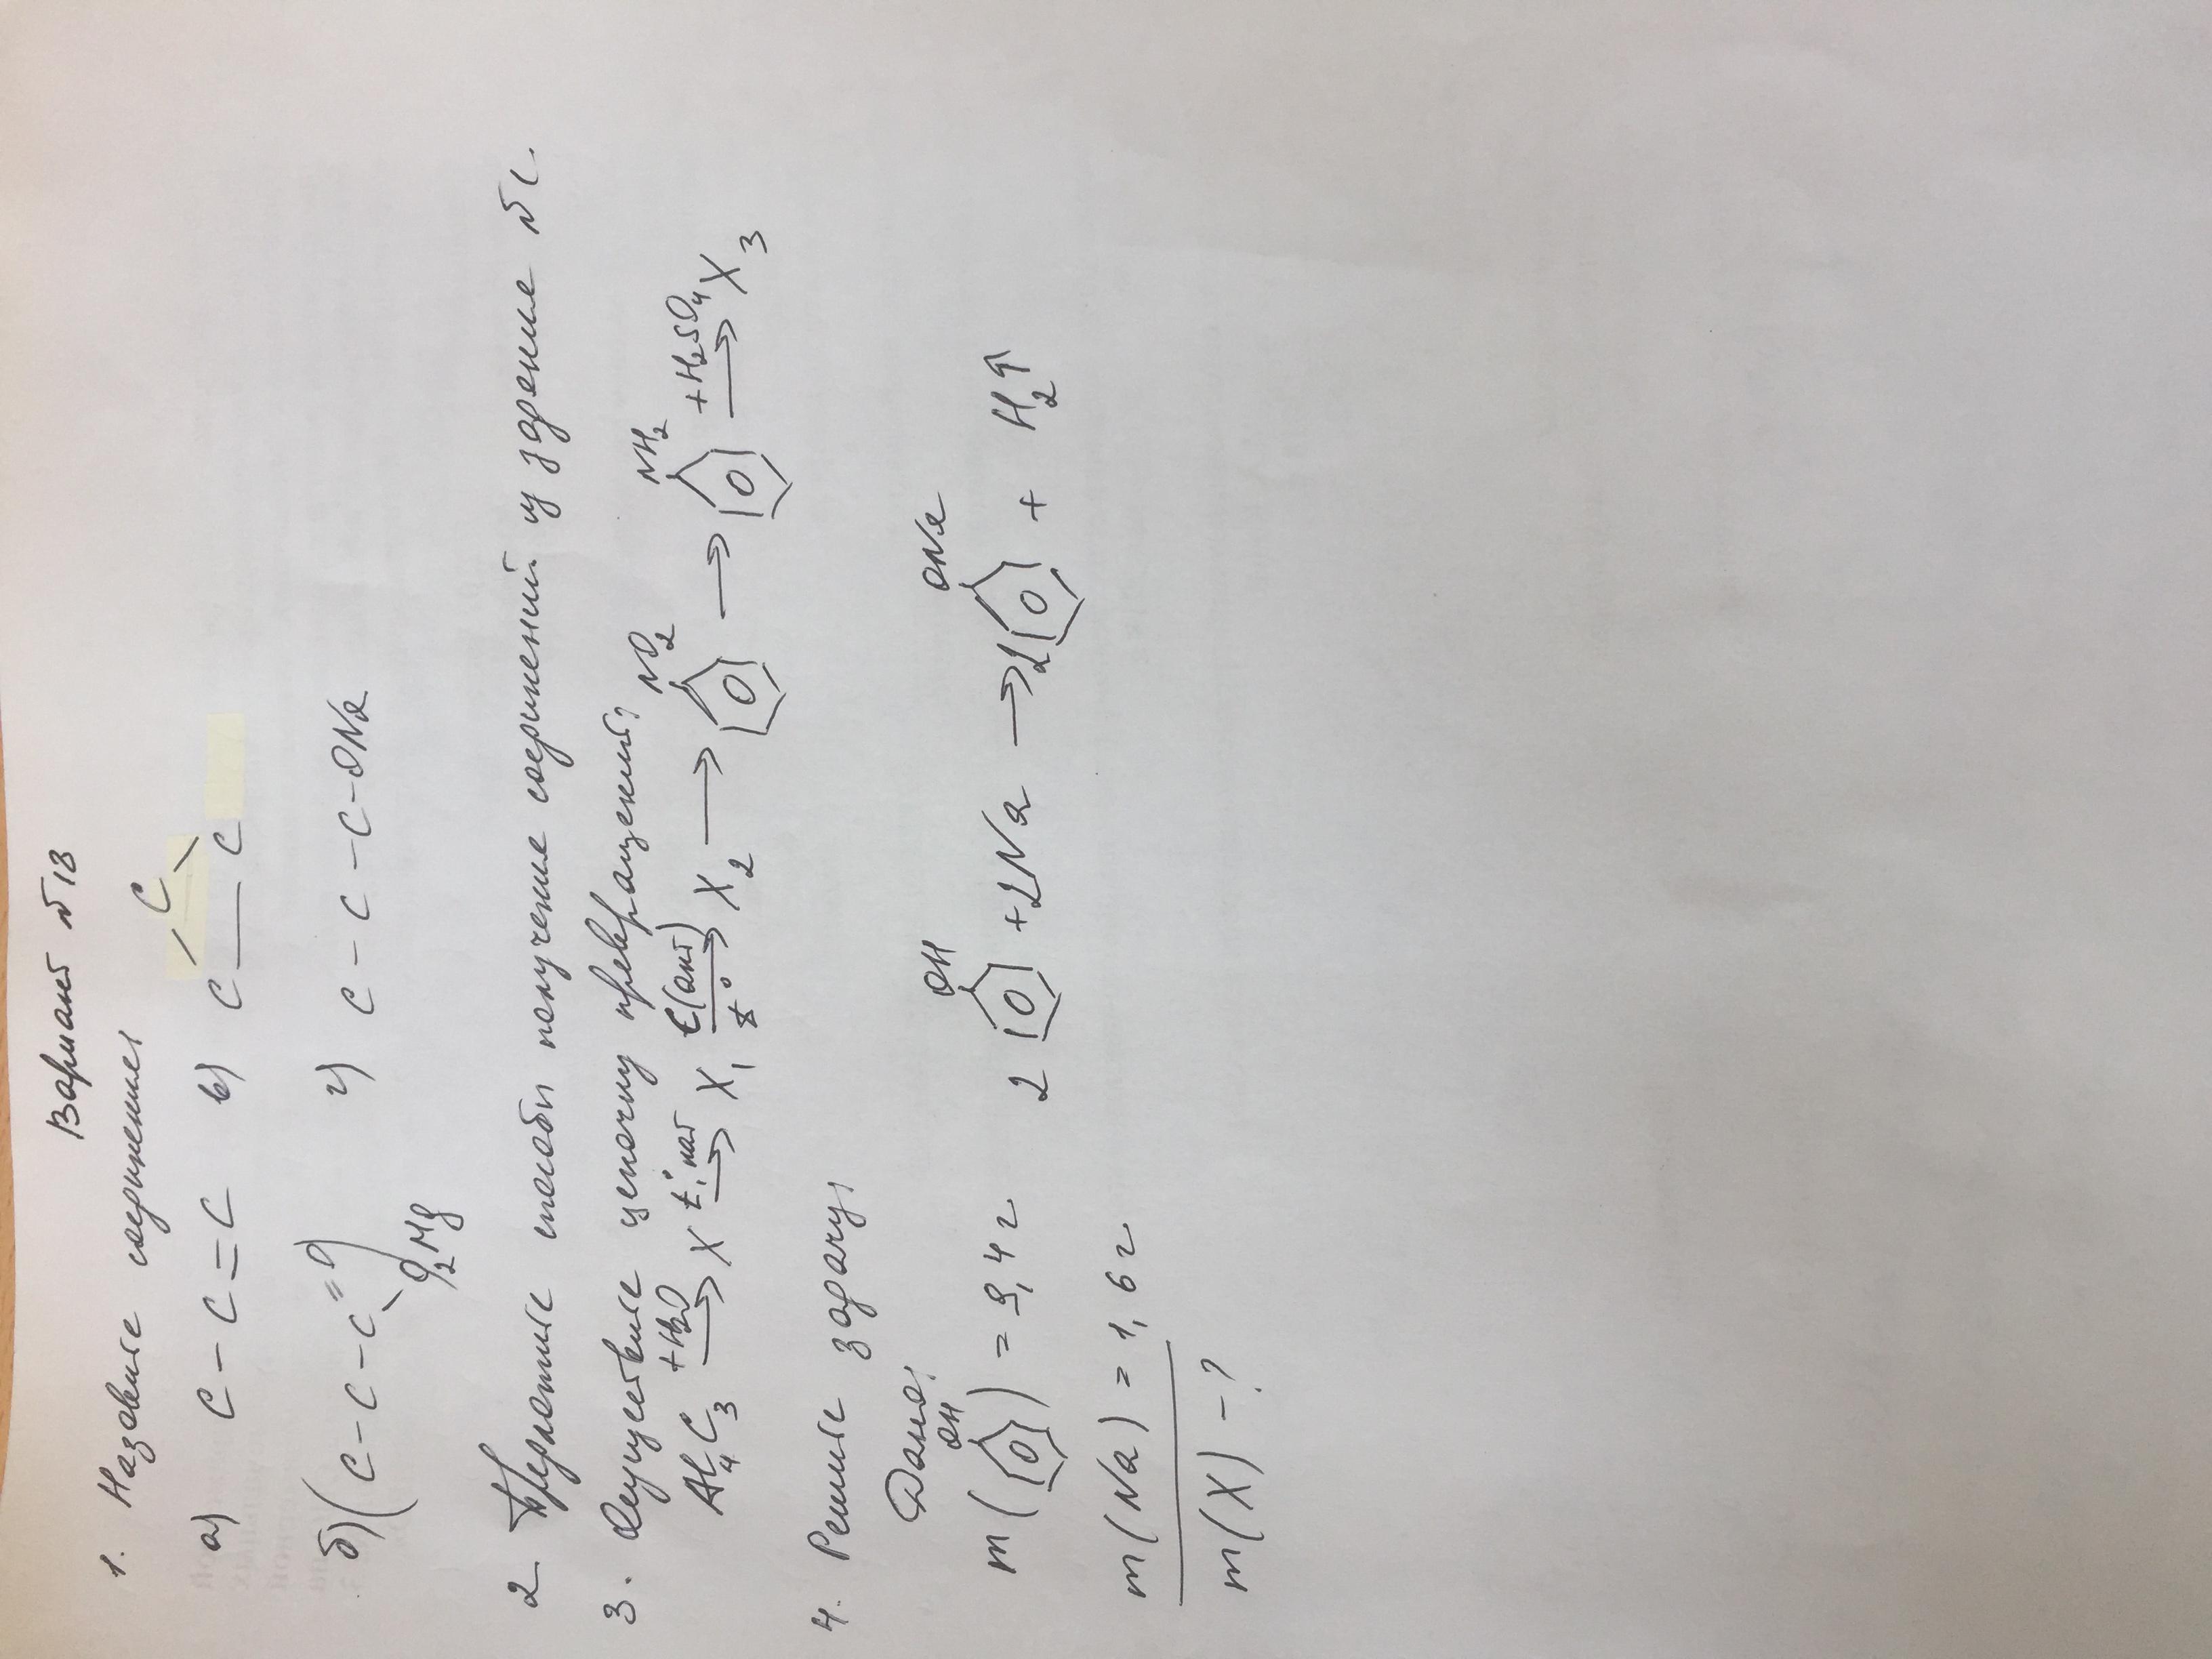 Химия помогите срочно!! 3,4 номер сделать надо.